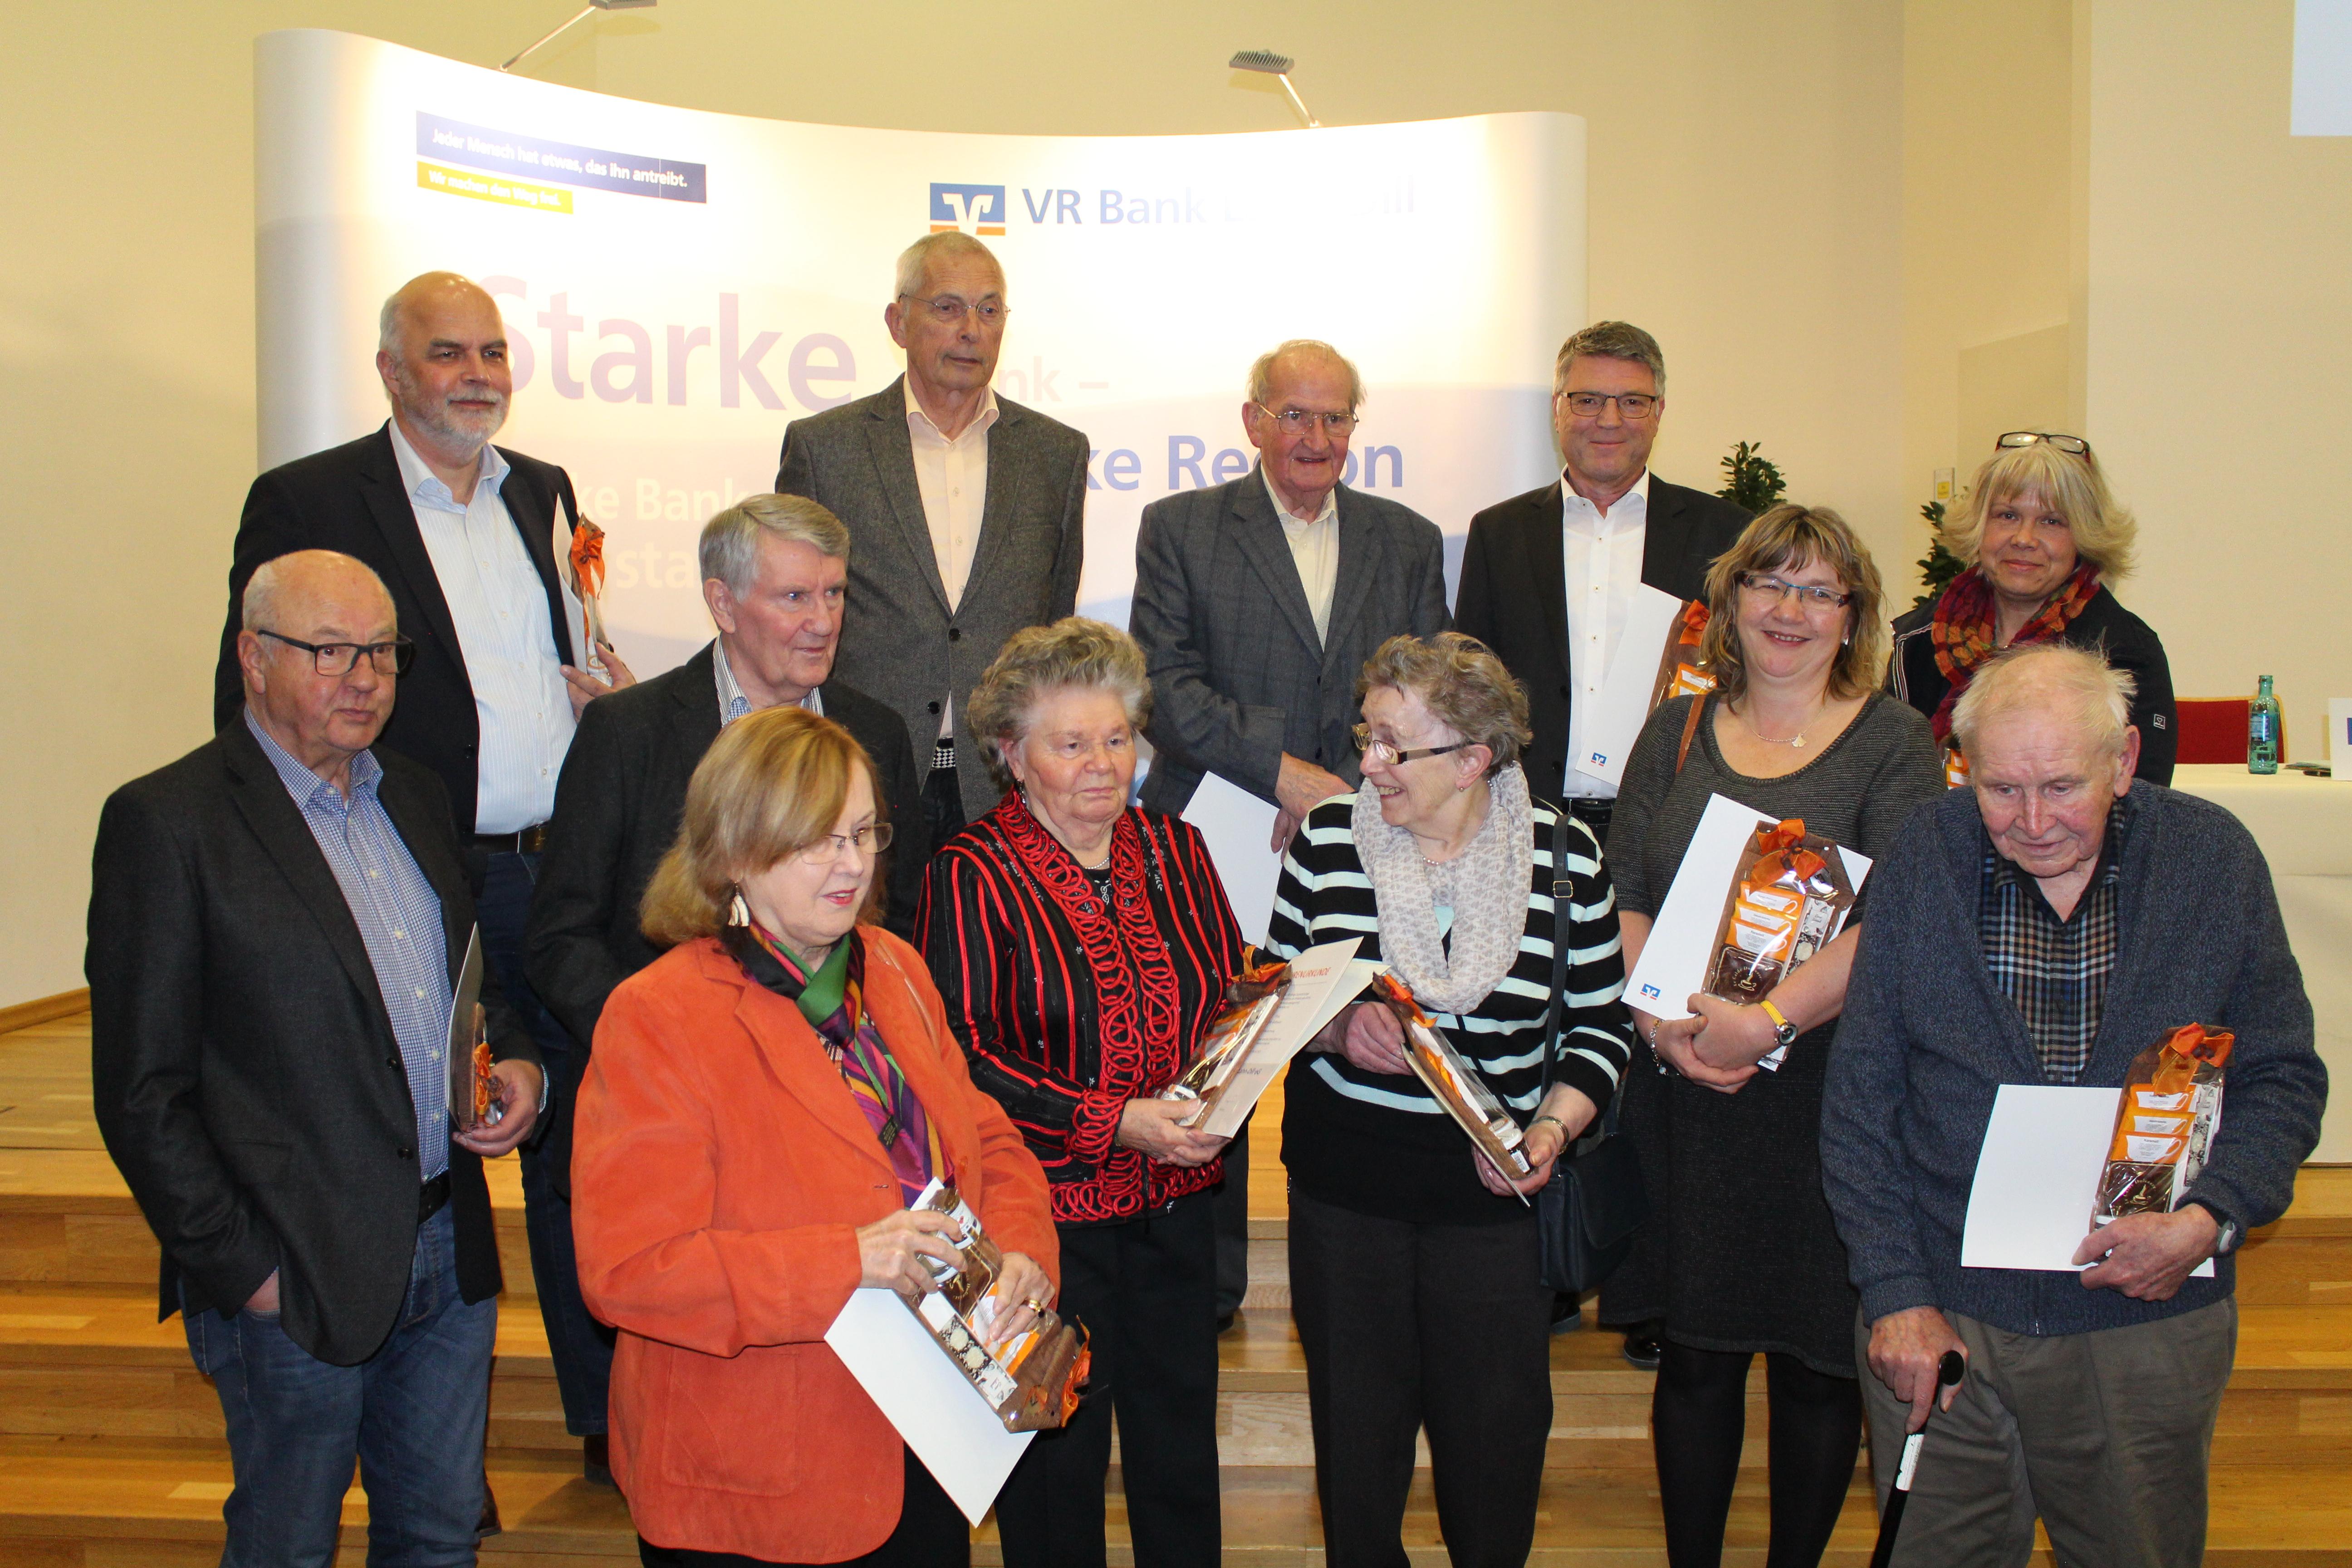 Mitgliederehrung in Dillenburg